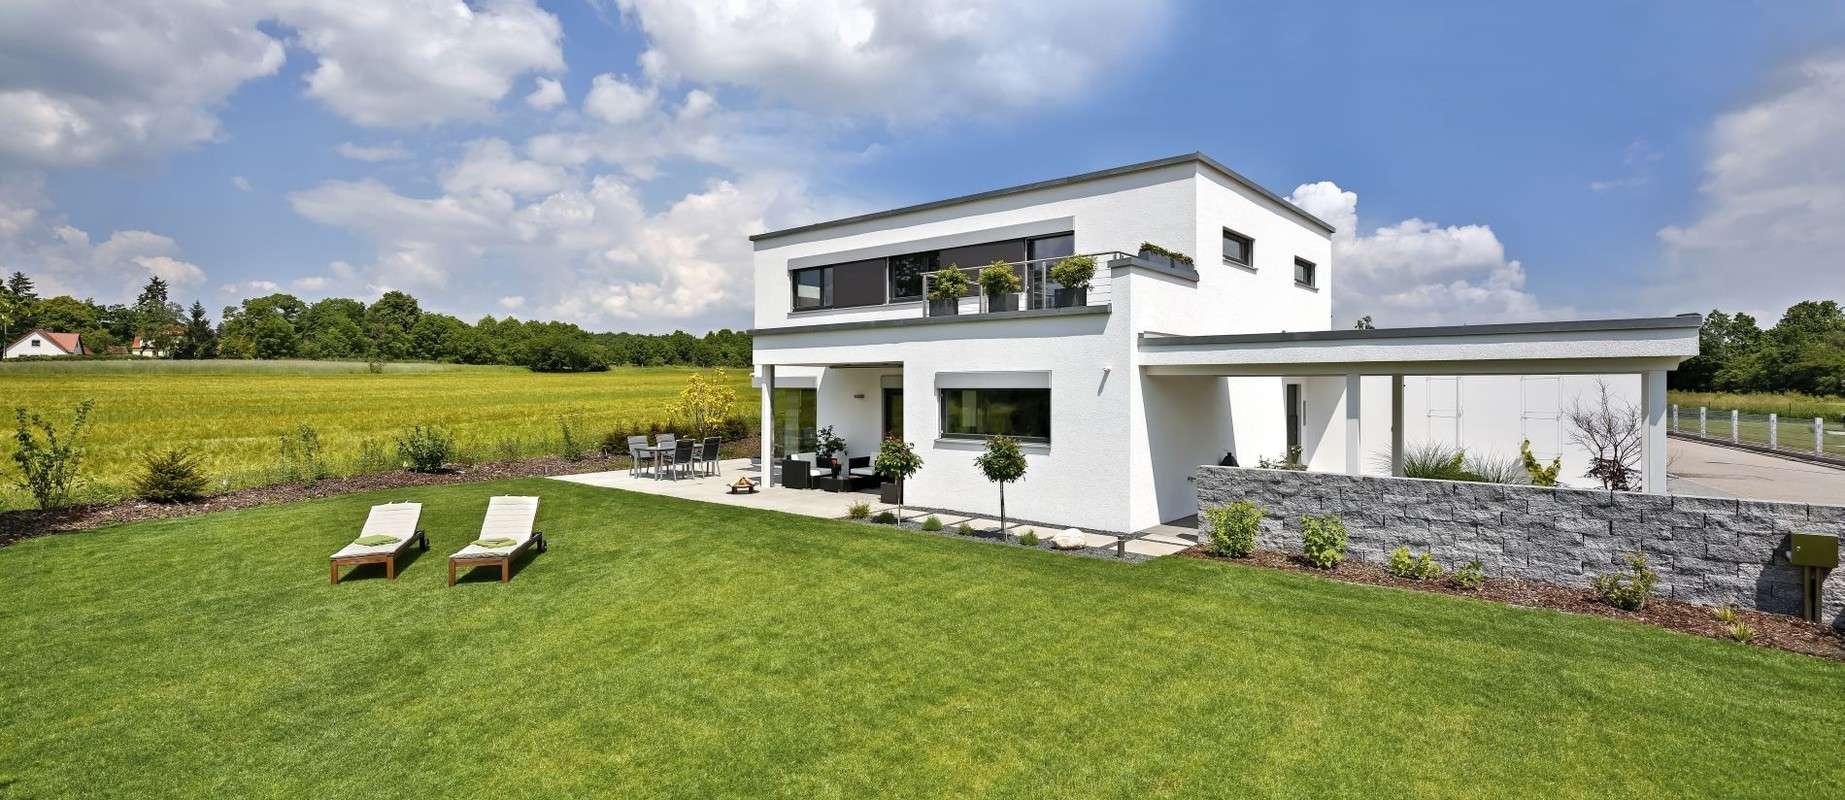 Regnauer - Vitalhaus Schwabach (Kundenhaus)